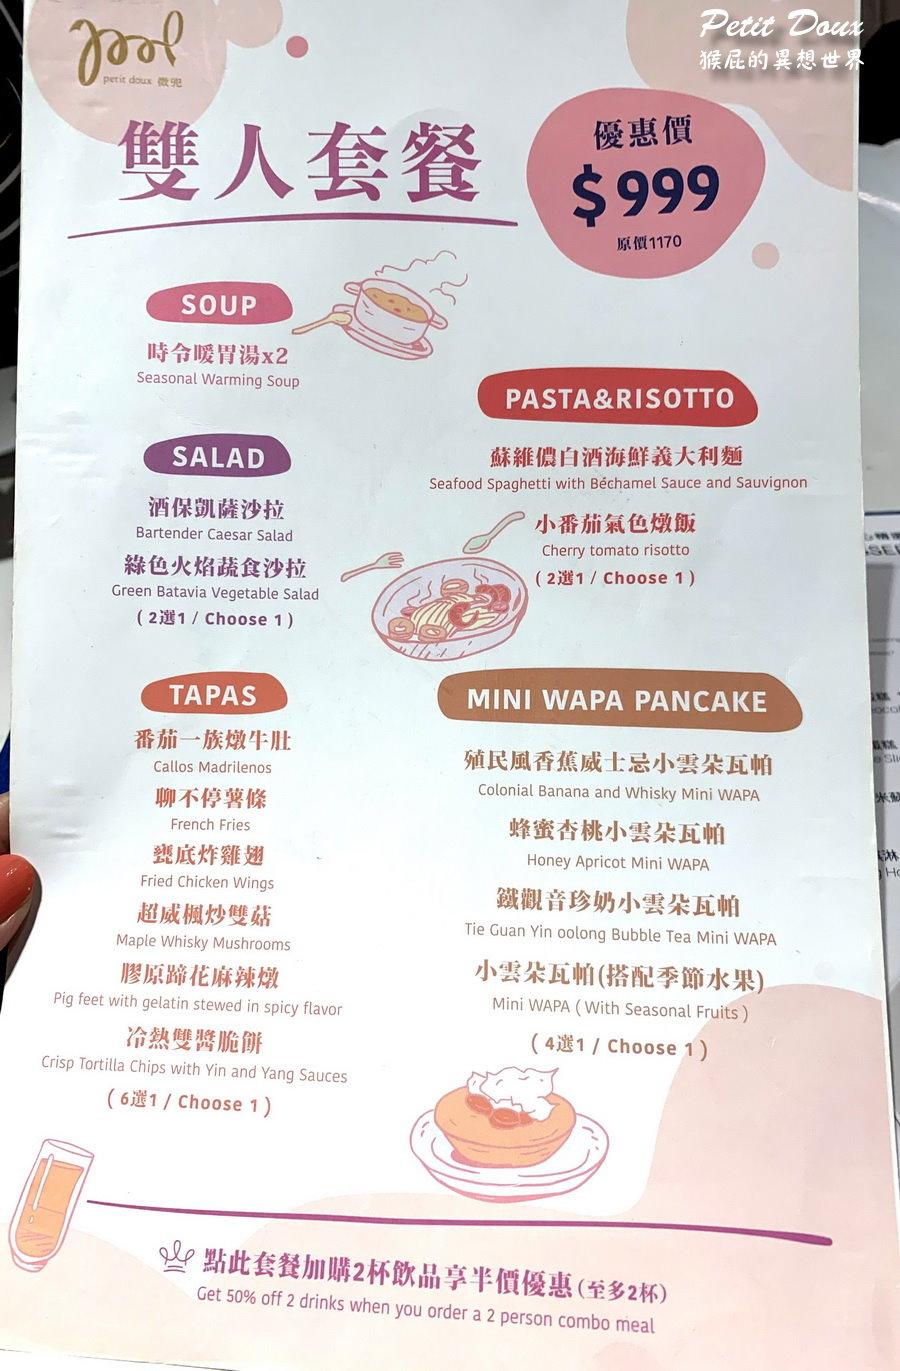 【京站美食】台北網美餐廳-petit doux微兜京站店!超夢幻粉紅色風格超好拍!義大利麵好吃、鬆餅會爆漿!台北車站美食! @猴屁的異想世界